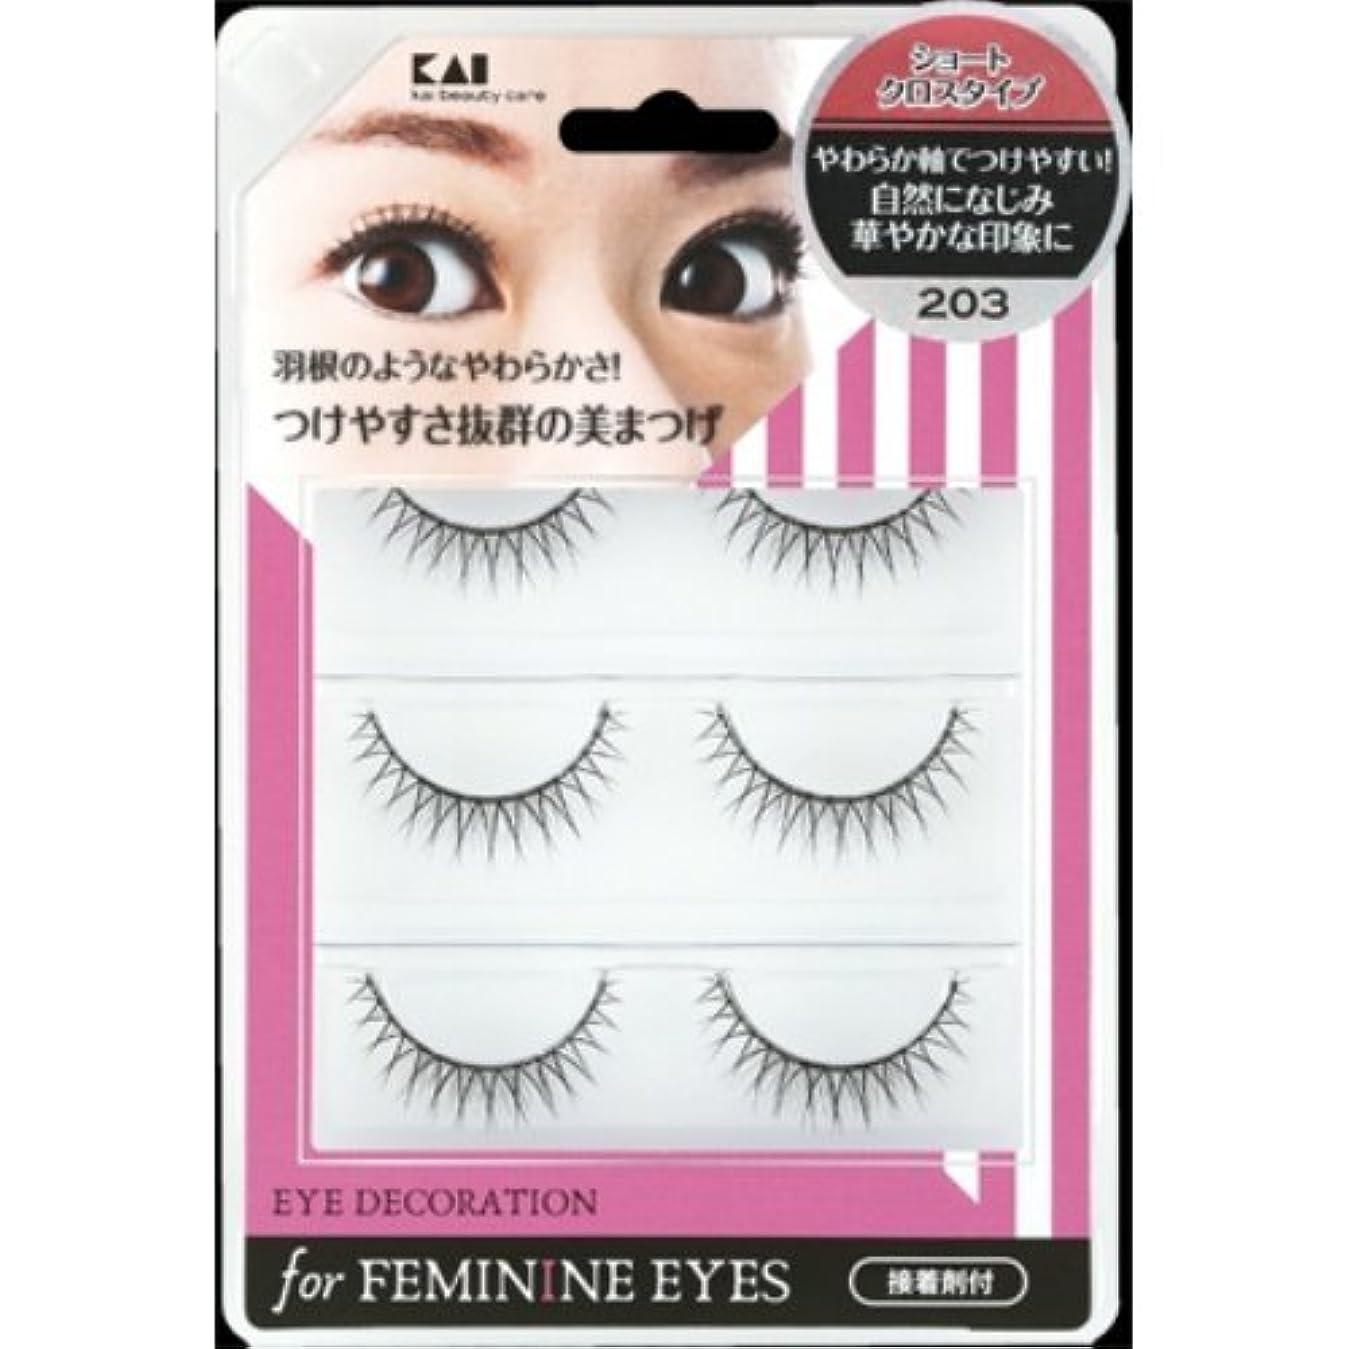 始める著者混乱貝印 アイデコレーション for feminine eyes 203 HC1560